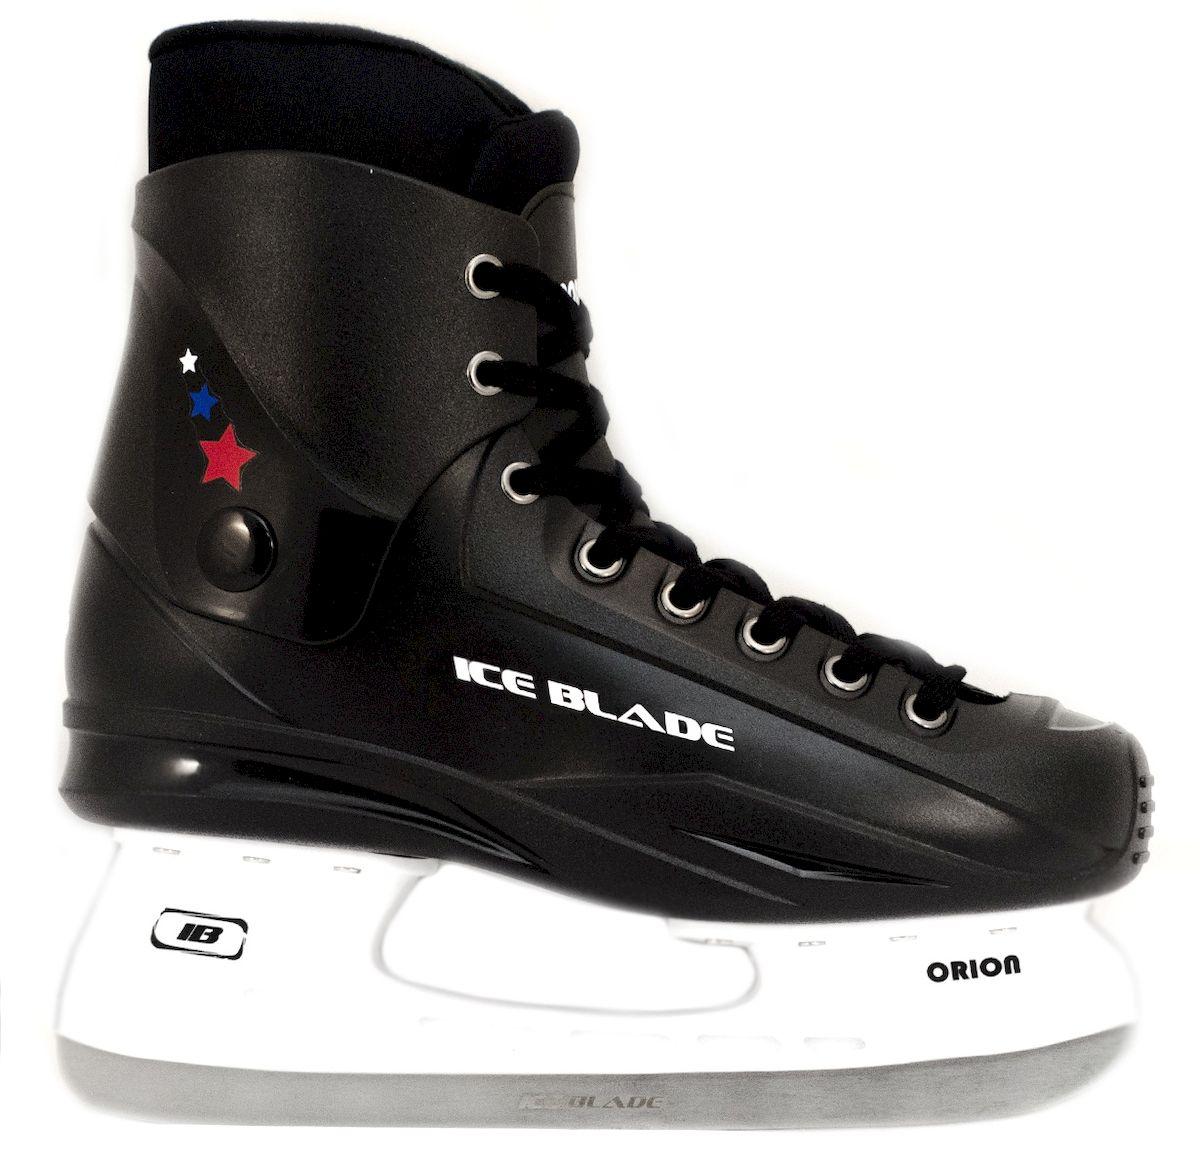 Коньки хоккейные Ice Blade Orion, цвет: черный. УТ-00004984. Размер 44УТ-00004984Коньки хоккейные Ice Blade Orion - это хоккейные коньки для любых возрастов. Конструкция прекрасно защищает стопу, очень комфортна для активного катания, а также позволяет играть в хоккей. Легкий ботинок очень комфортный как для простого катания на льду, так и для любительского хоккея. Ботинок выполнен из высококачественного морозостойкого пластика и нейлоновой сетки. Внутренний сапожок утеплен мягким и дышащим вельветом, а язычок усилен специальной вставкой для большей безопасности стопы. Лезвие изготовлено из высокоуглеродистой стали, что гарантирует прочность и долговечность.Удобная система фиксации ноги и улучшенная колодка сделают катание комфортным и безопасным.